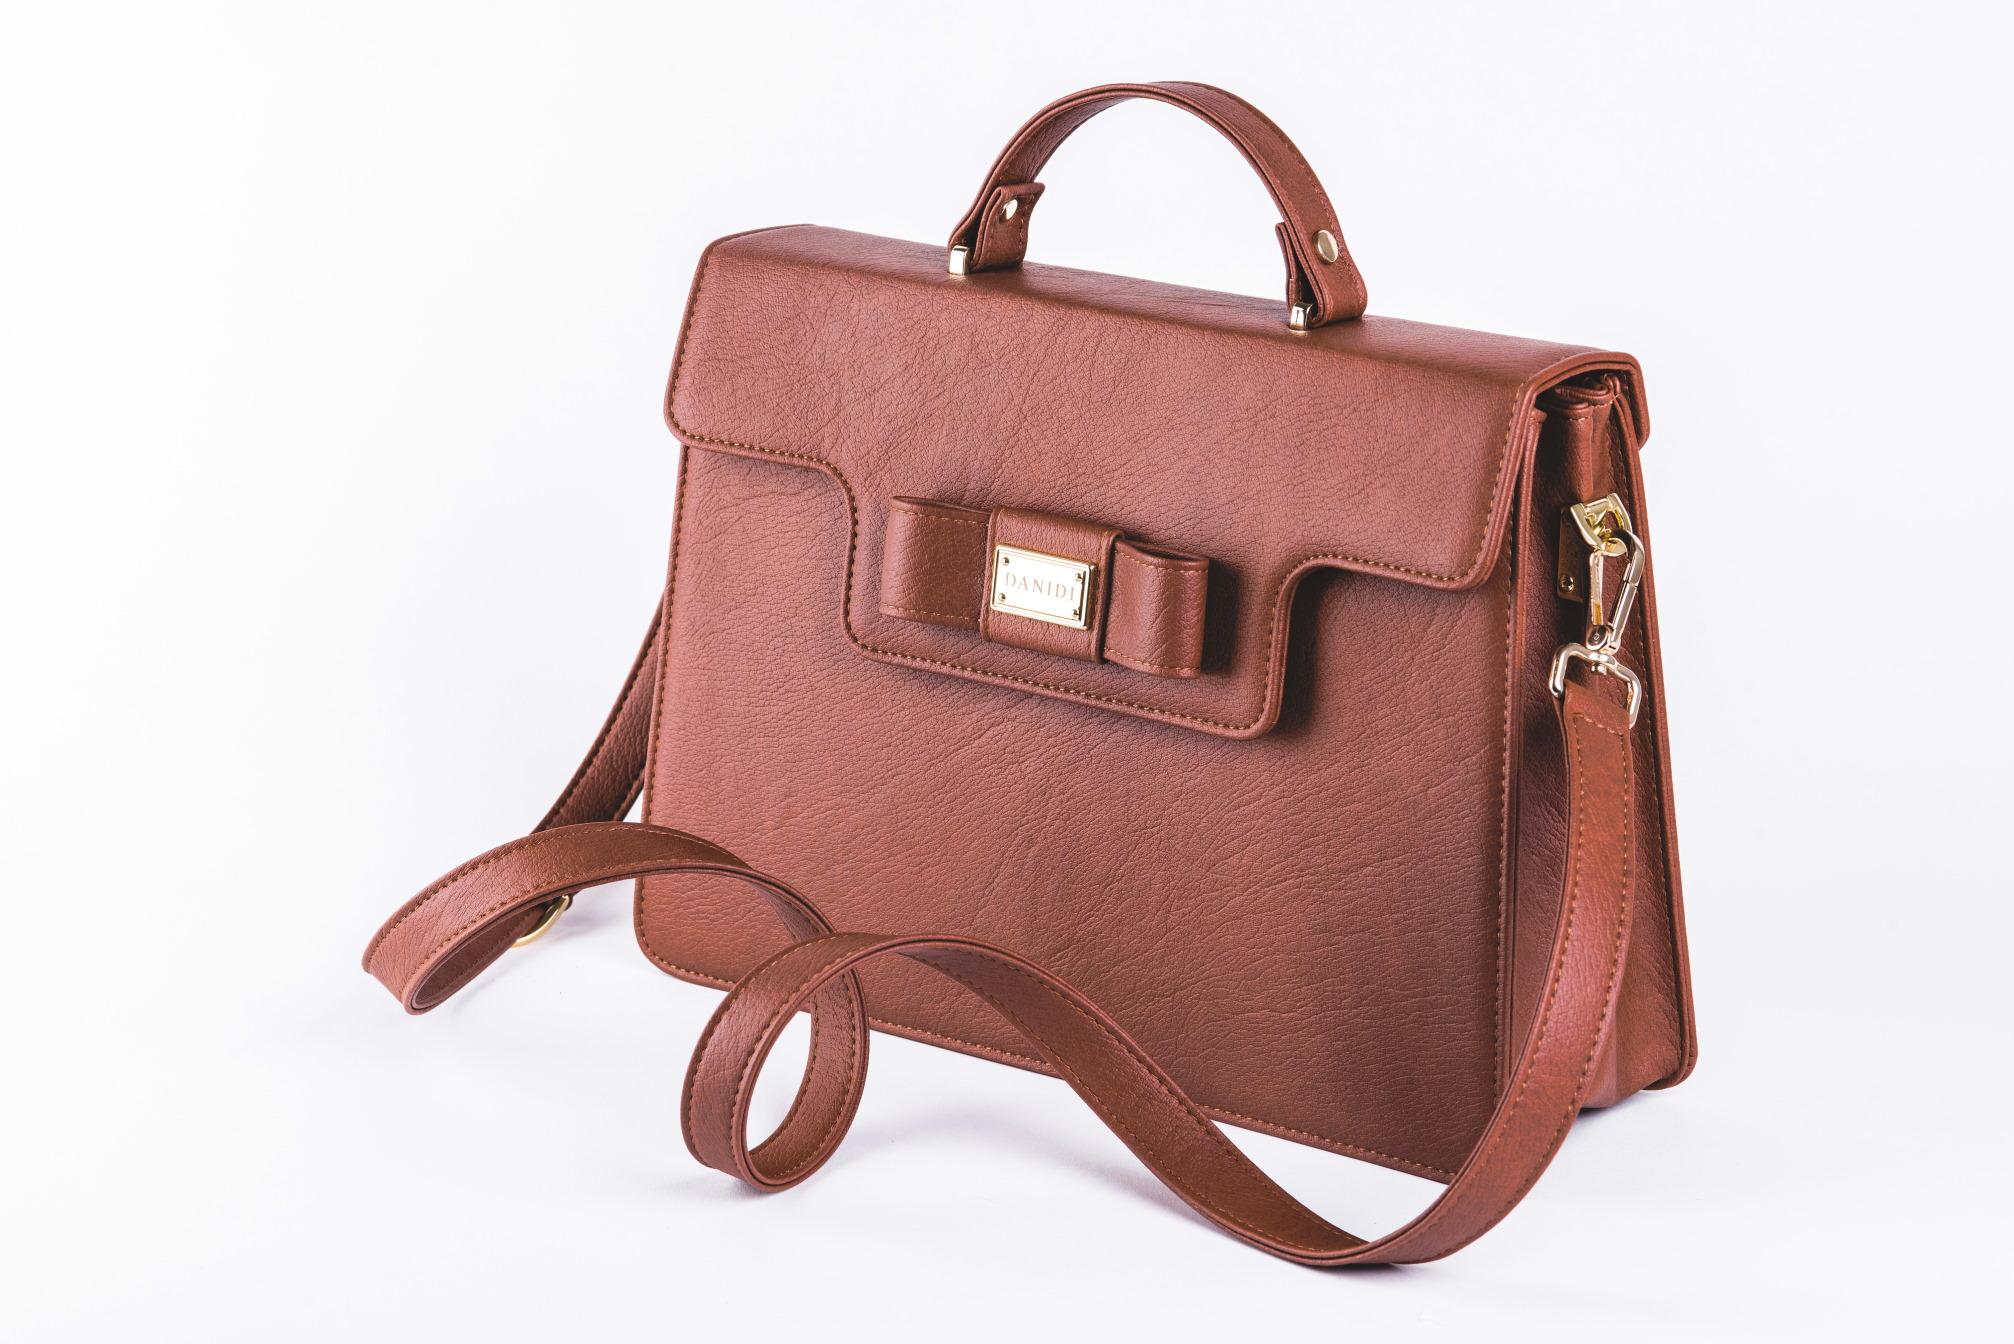 DANIDI je ekskluzivno predstavio najnoviji proizvod iz svoje tvornice - elegantnu poslovnu torbu za žene sa stavom!